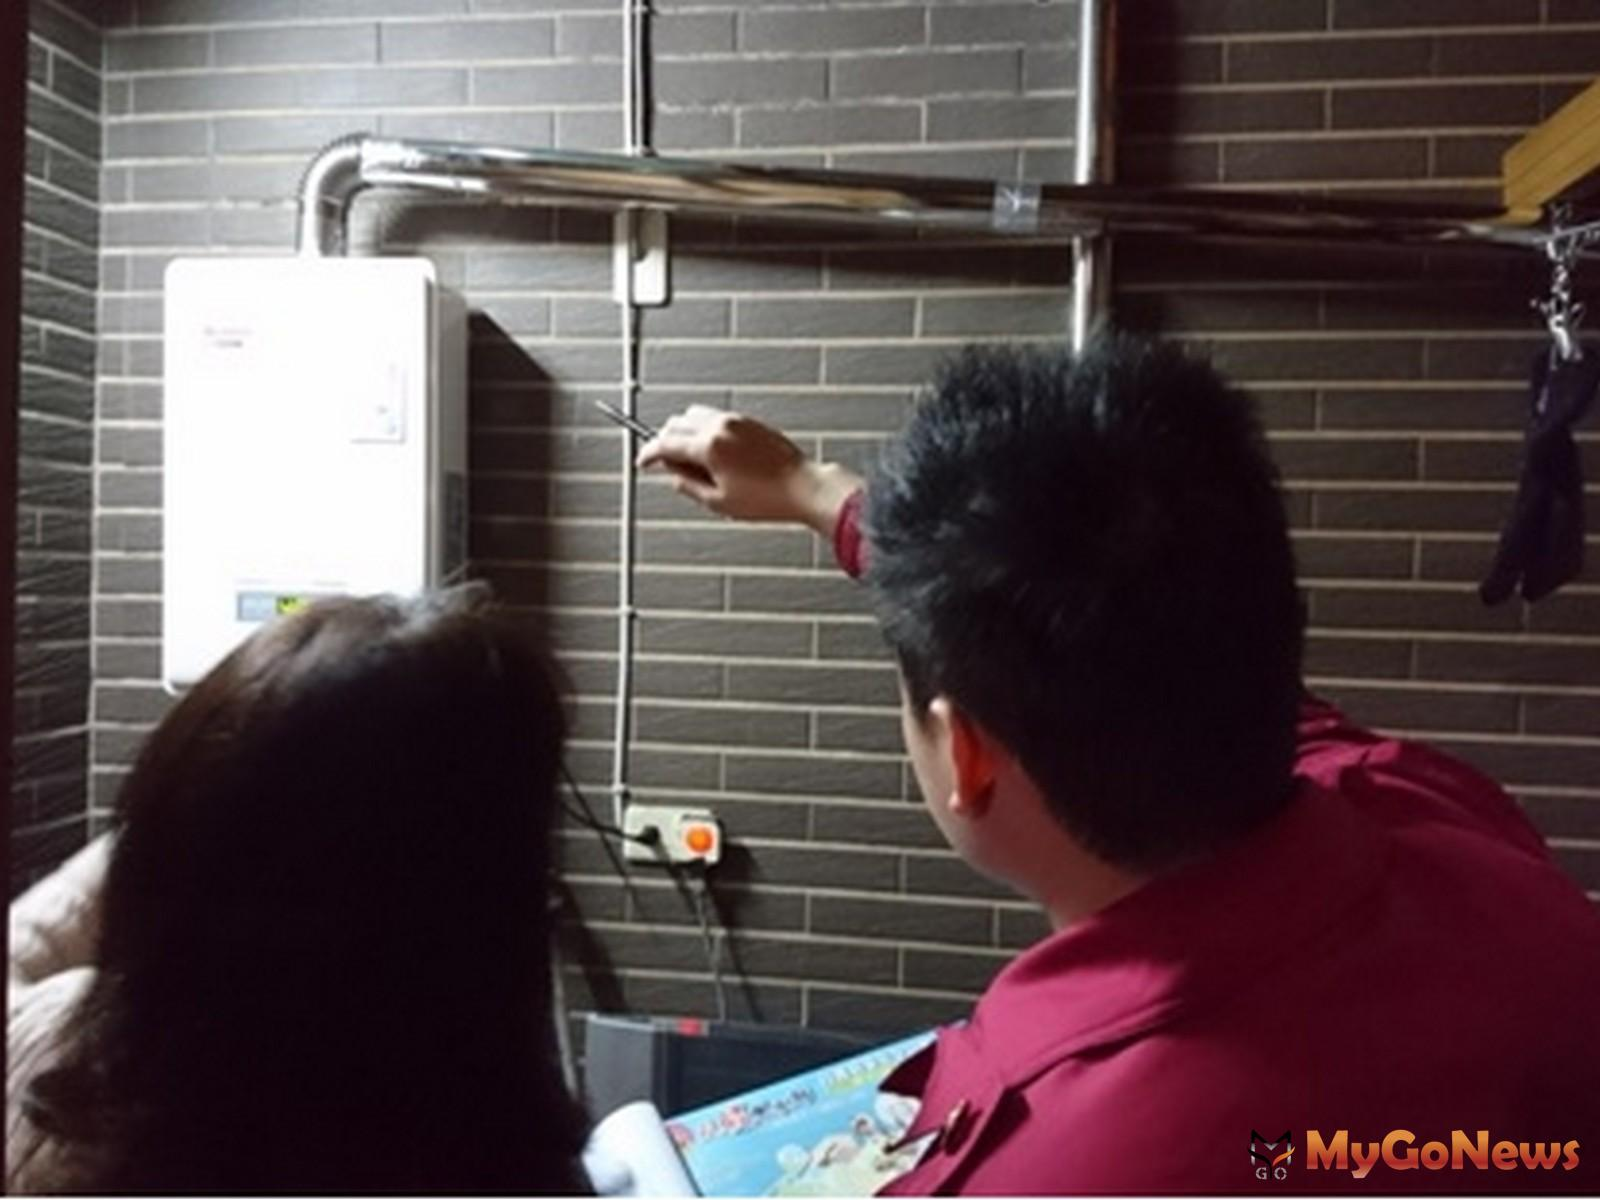 寒流來襲 中市消防局籲檢視居家熱水器安全(圖/台中市政府) MyGoNews房地產新聞 安全家居